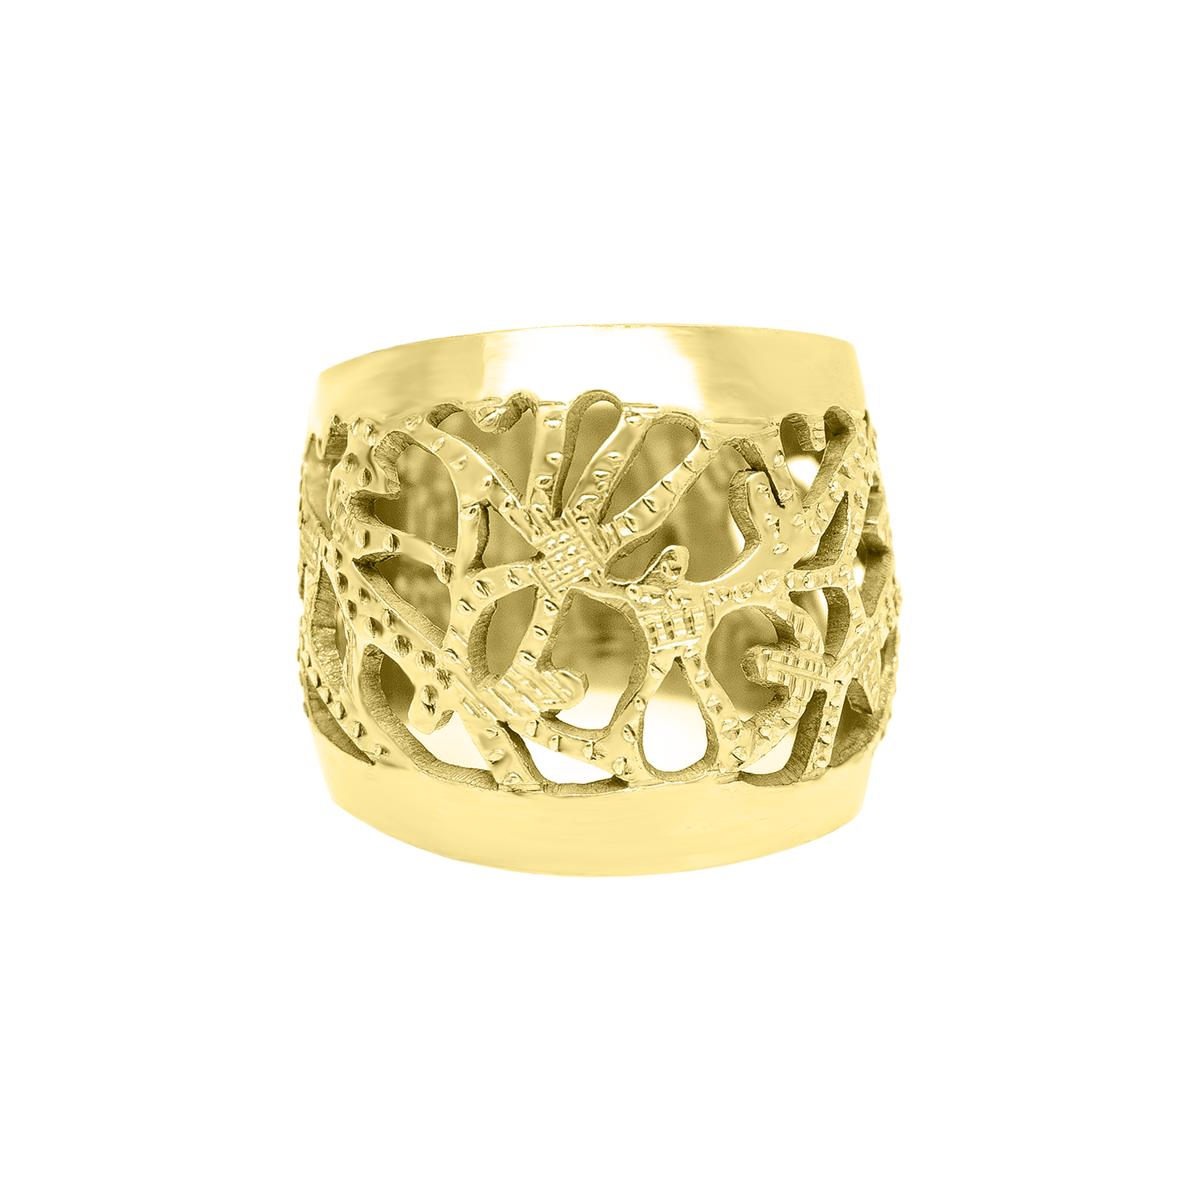 Anillo Calado En Plata 950 Con Ba O De Oro Amarillo 18 Kt